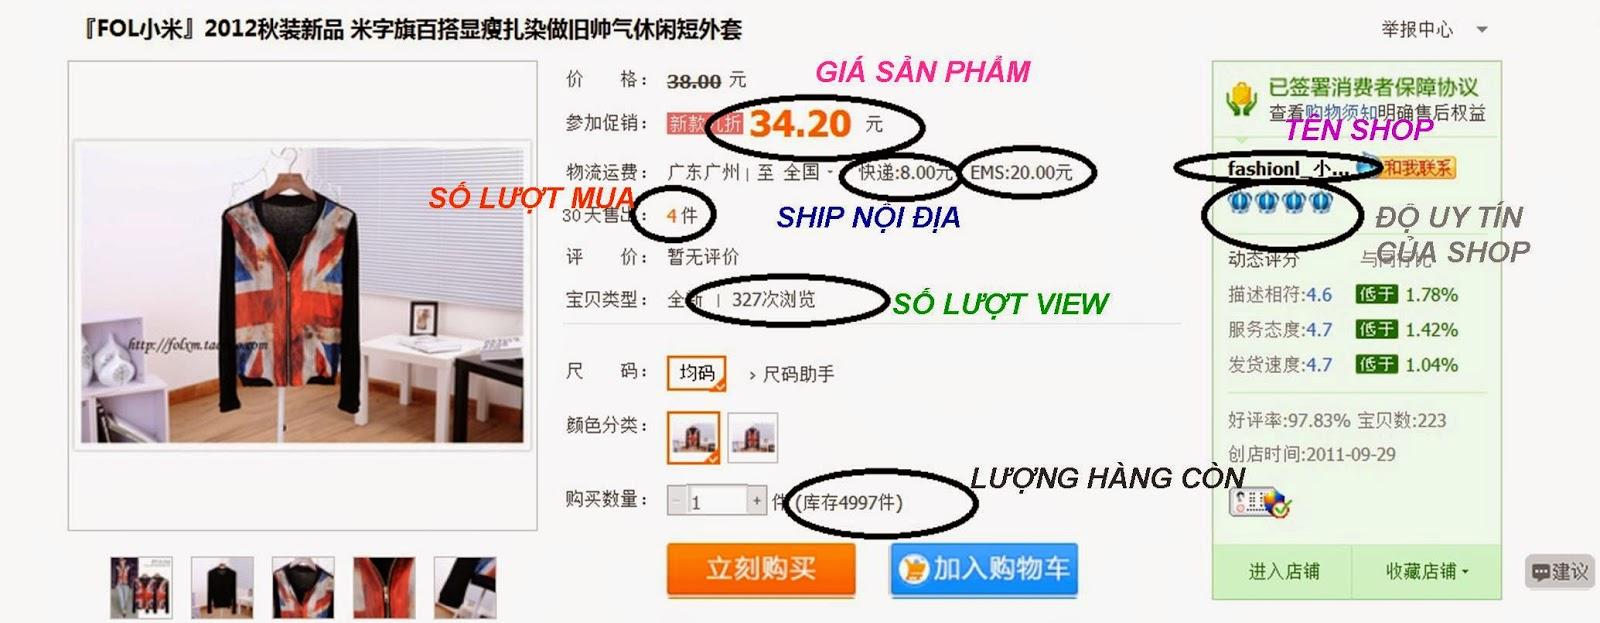 Giao diện thông tin sản phẩm trên Taobao